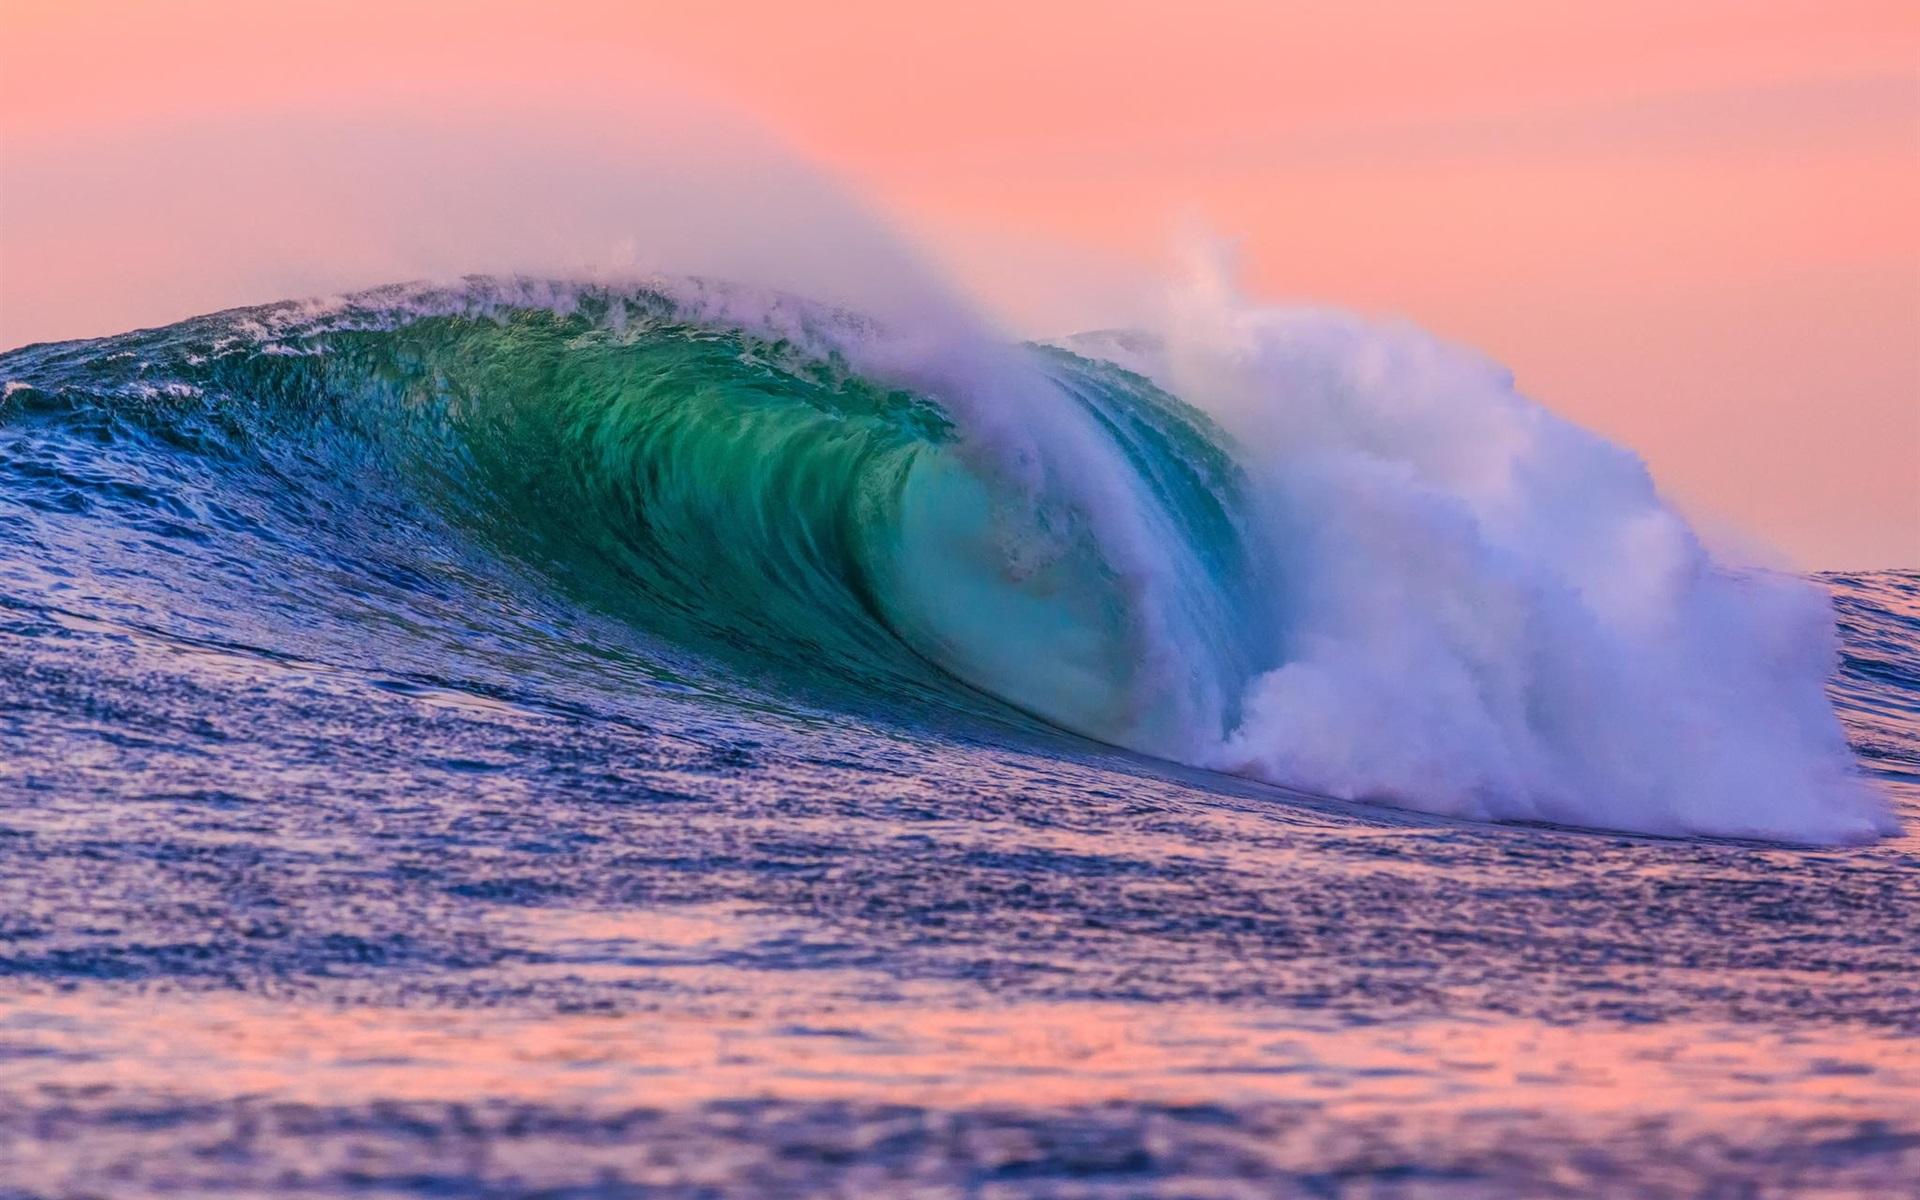 фото с волной морской латыни это слово